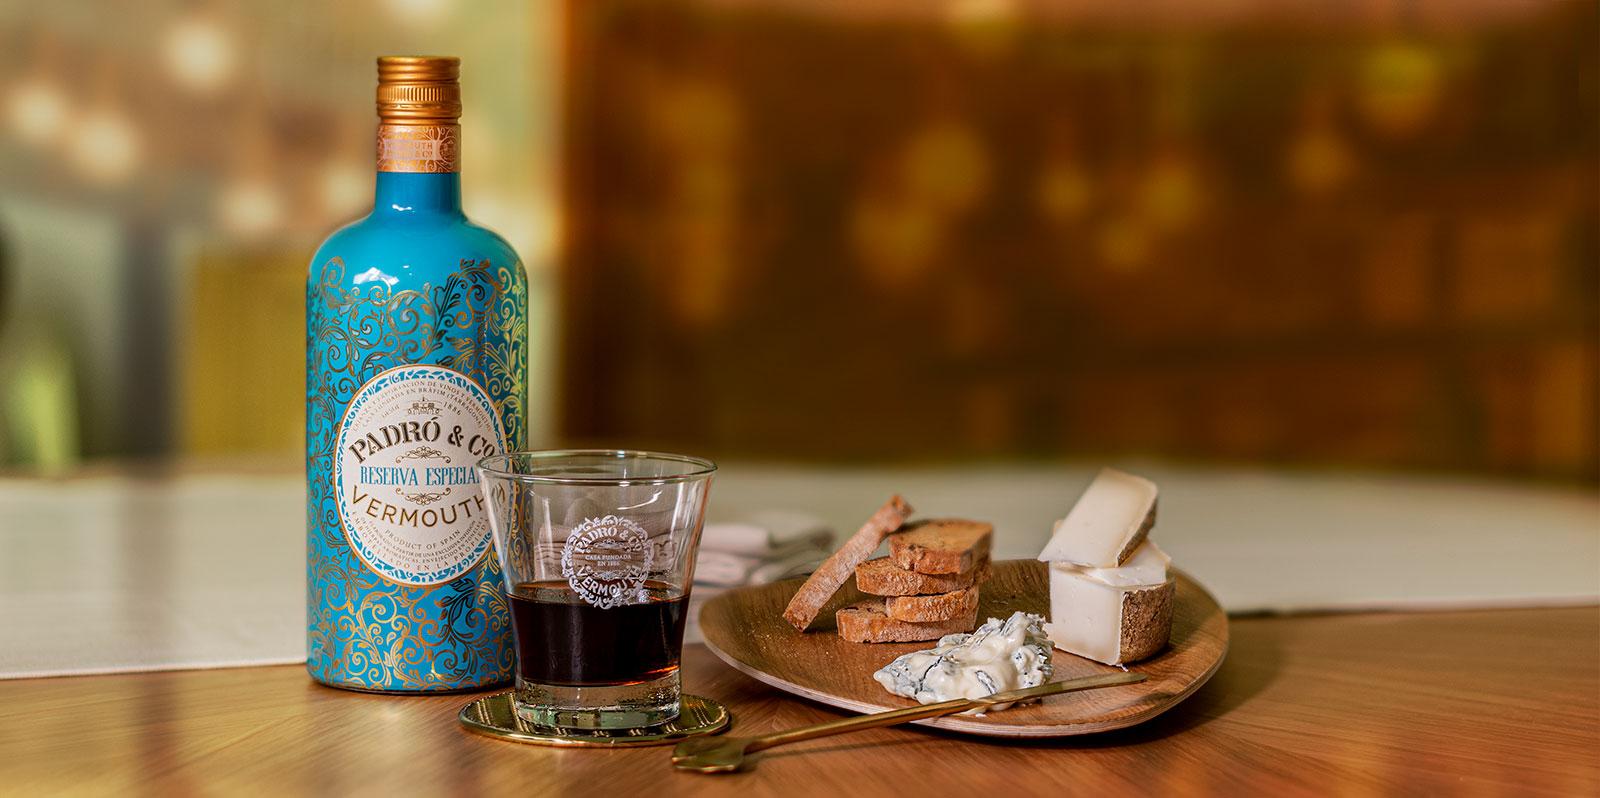 Botella de vermouth Padró amb formatges